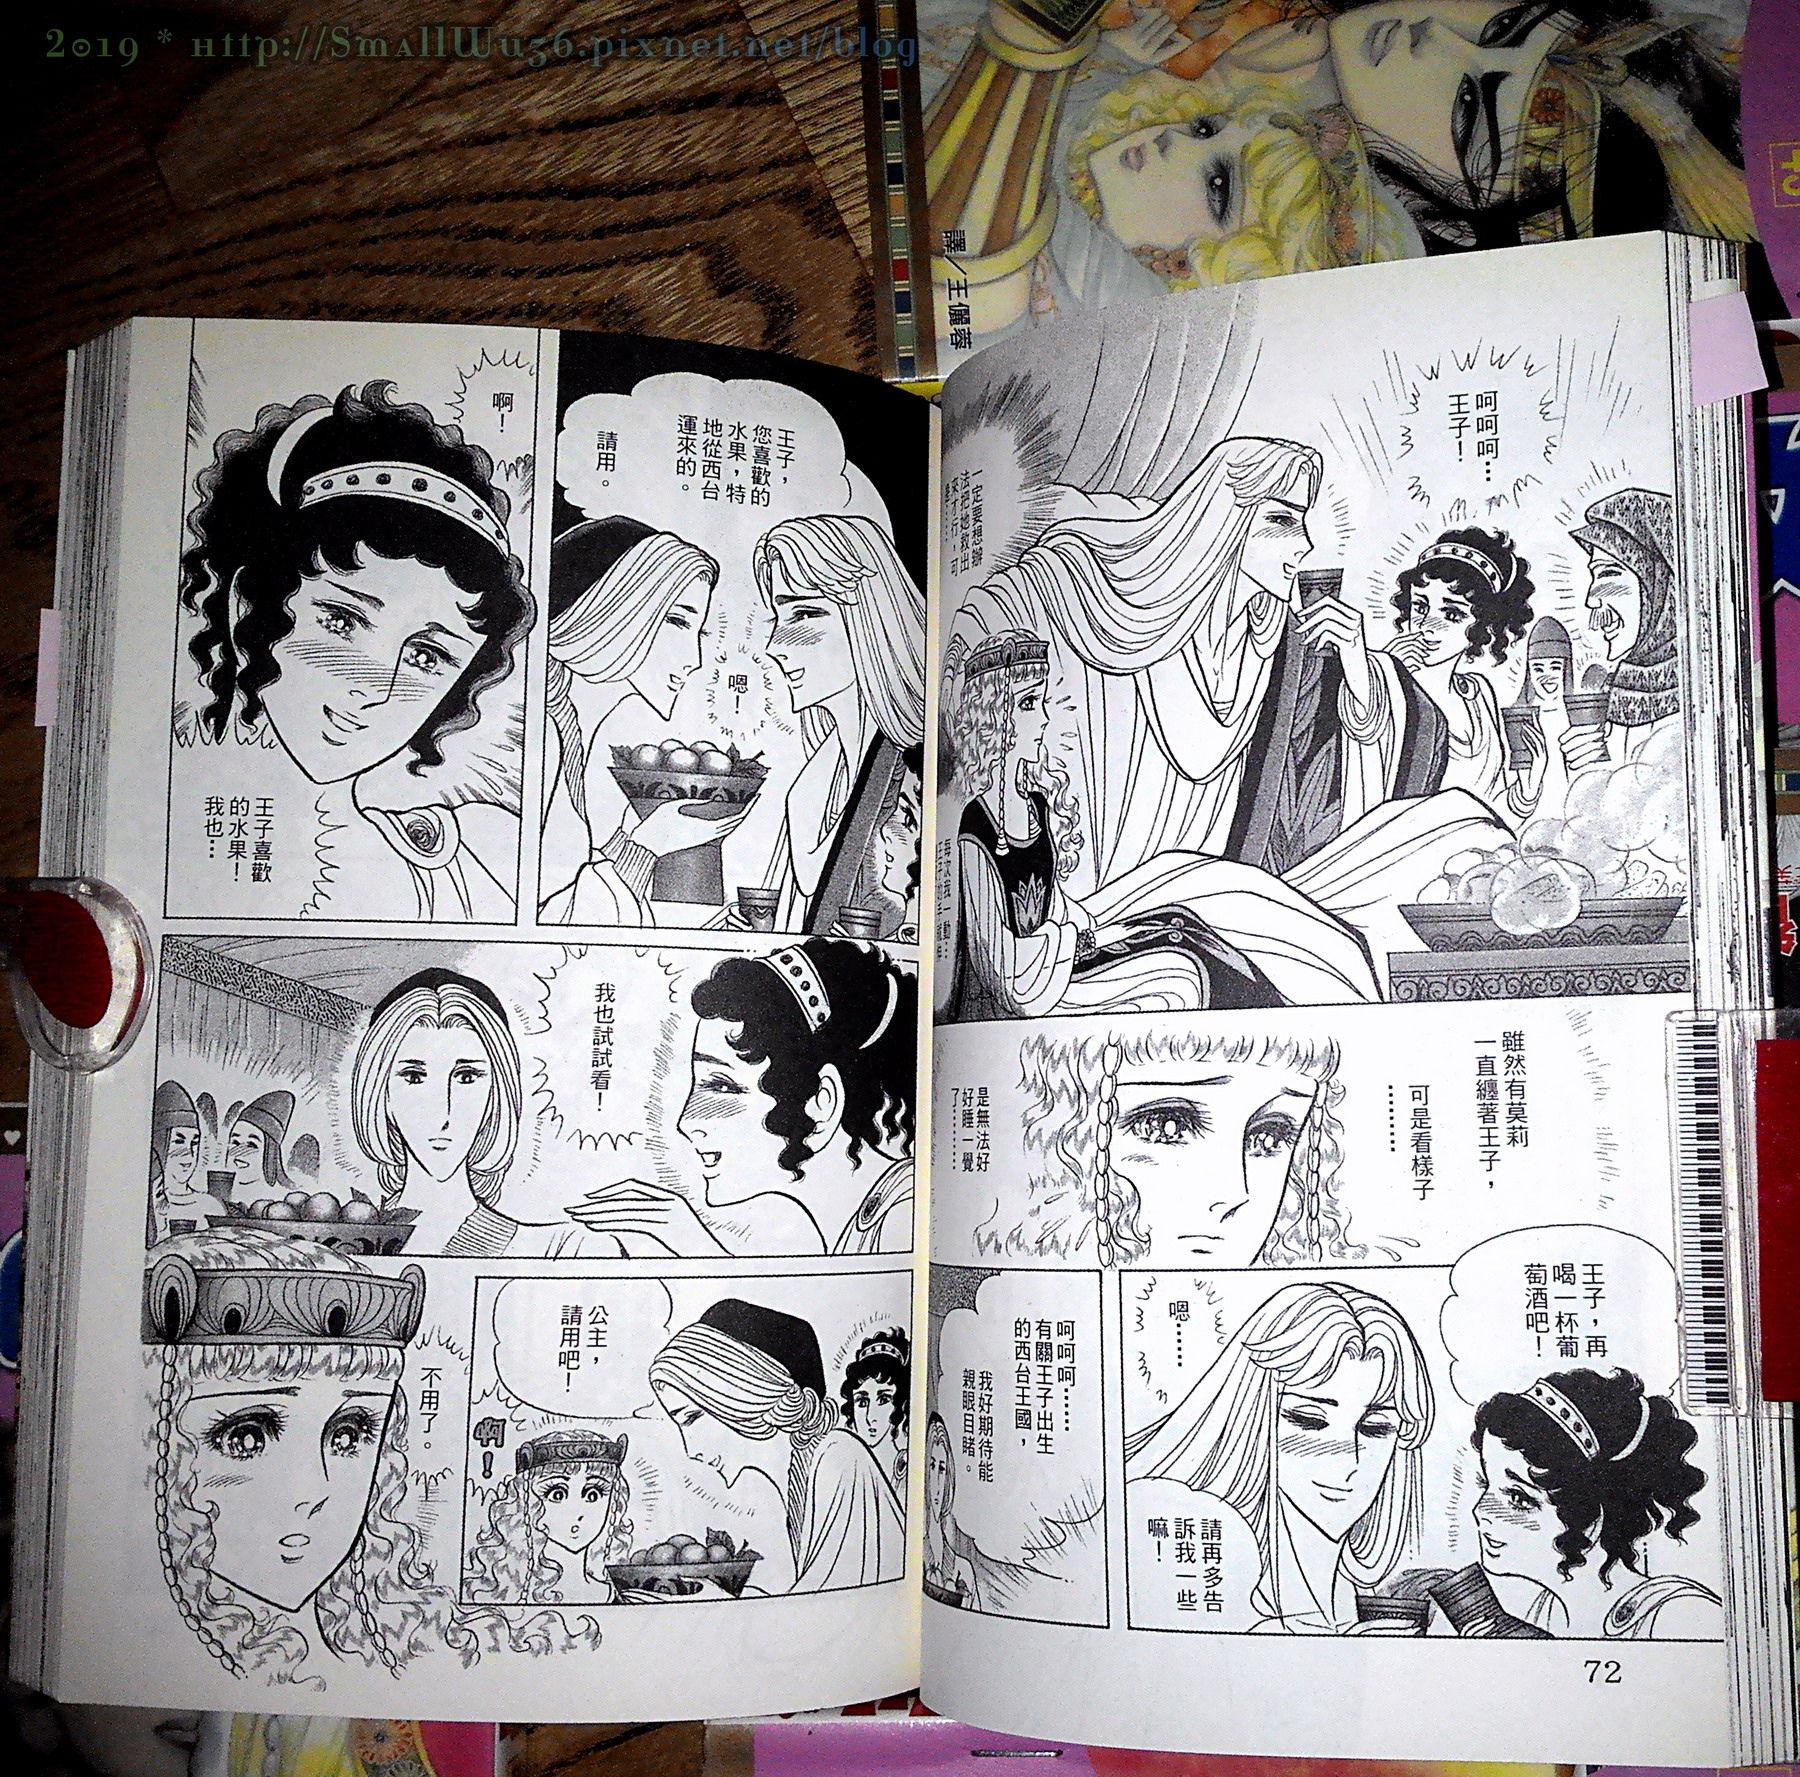 細川智榮子-王家的紋章(尼羅河女兒) 39-44 (長鴻)  vol_38.jpg